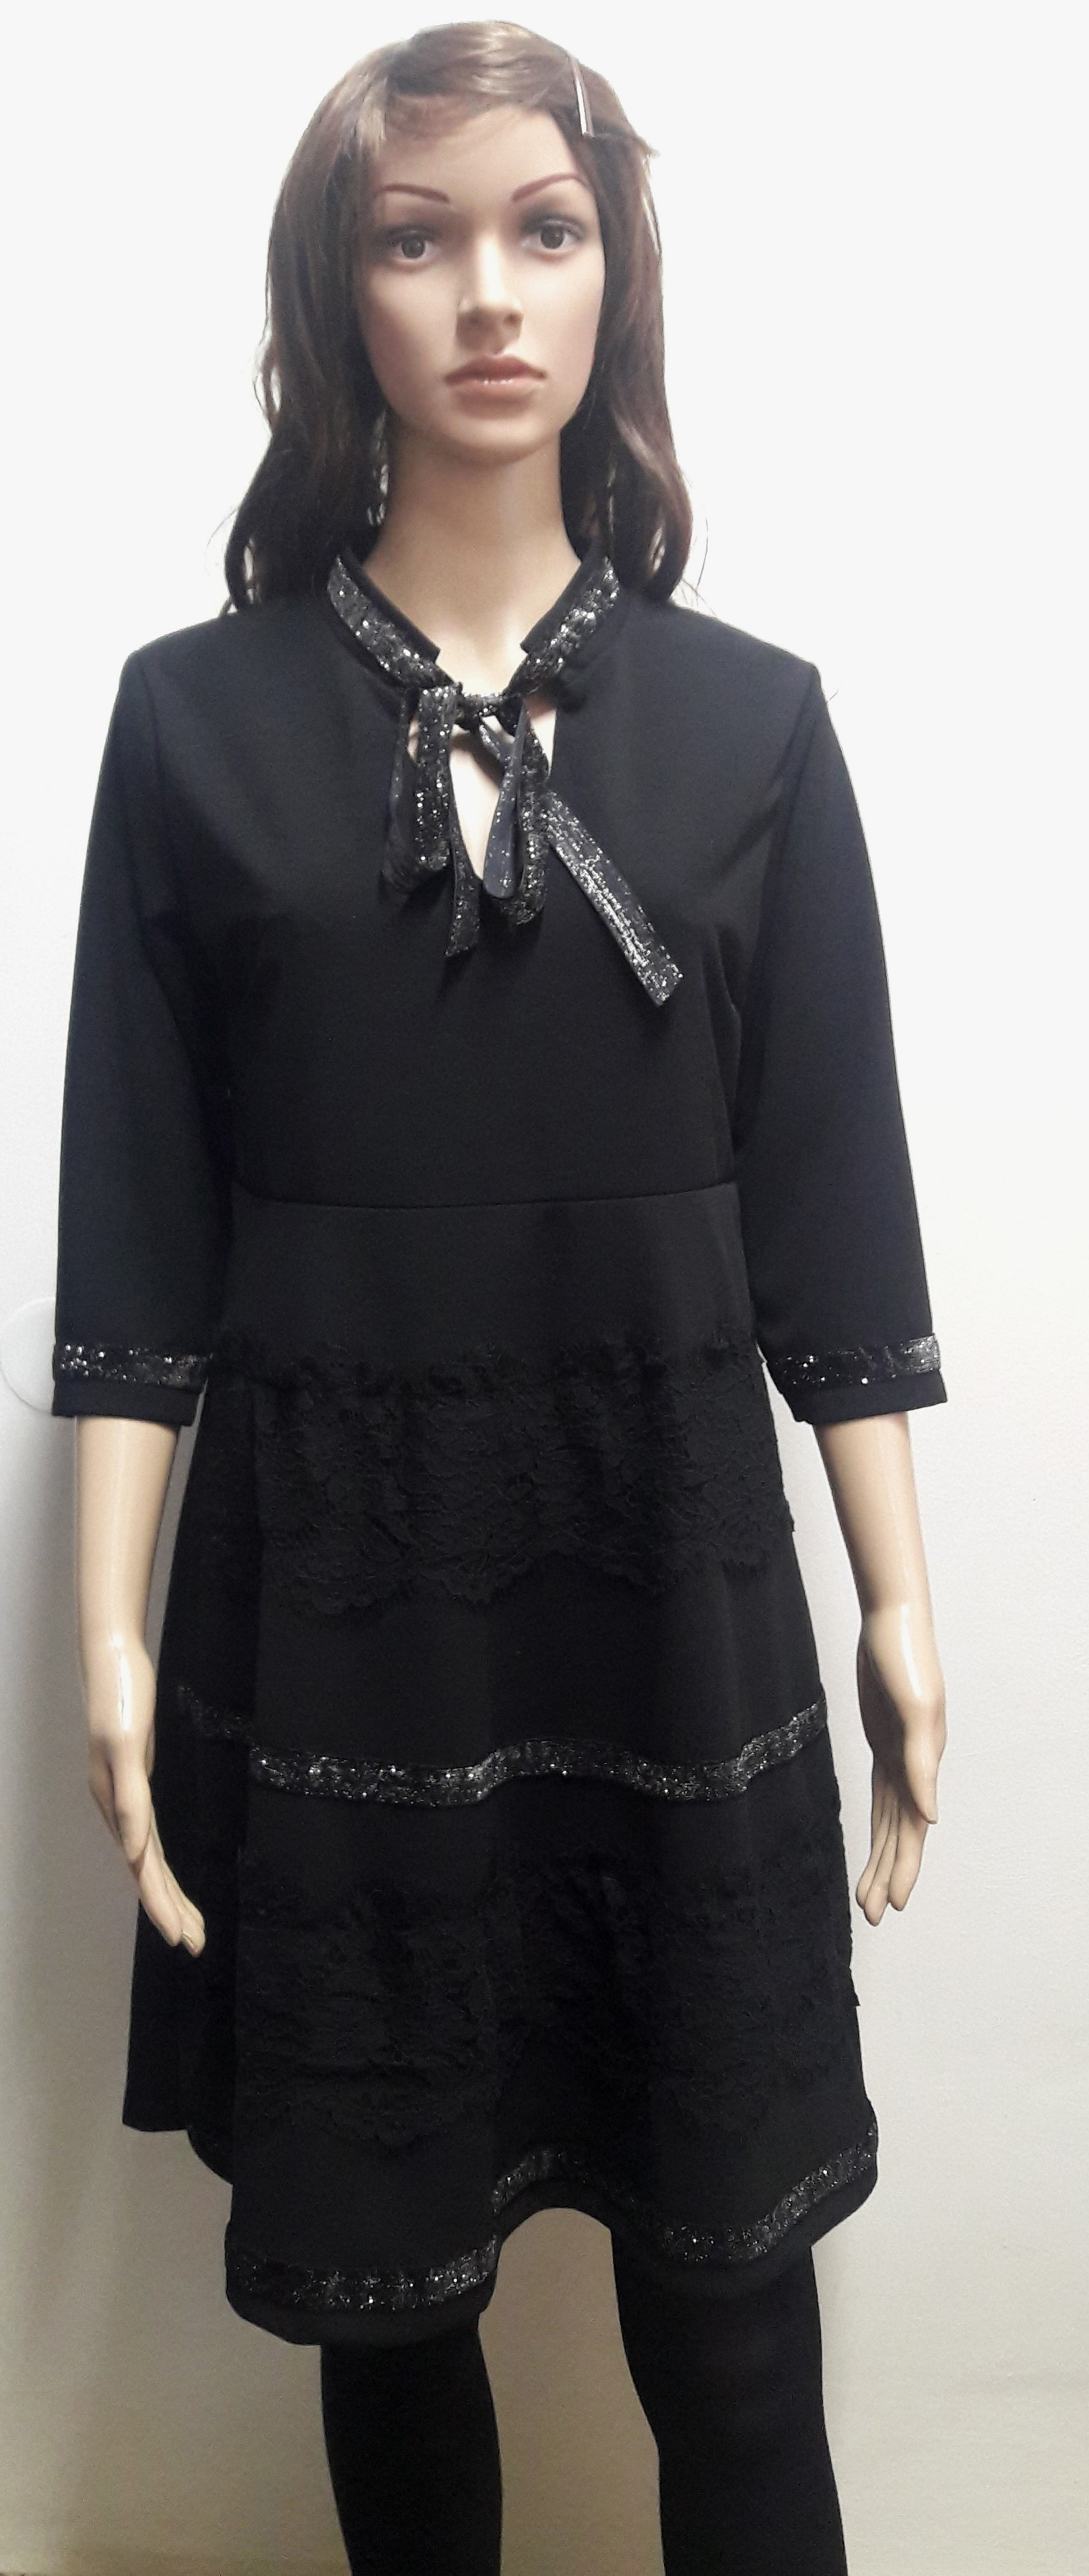 b27dfc9aa2d2 Čierne elegantné šaty Austina